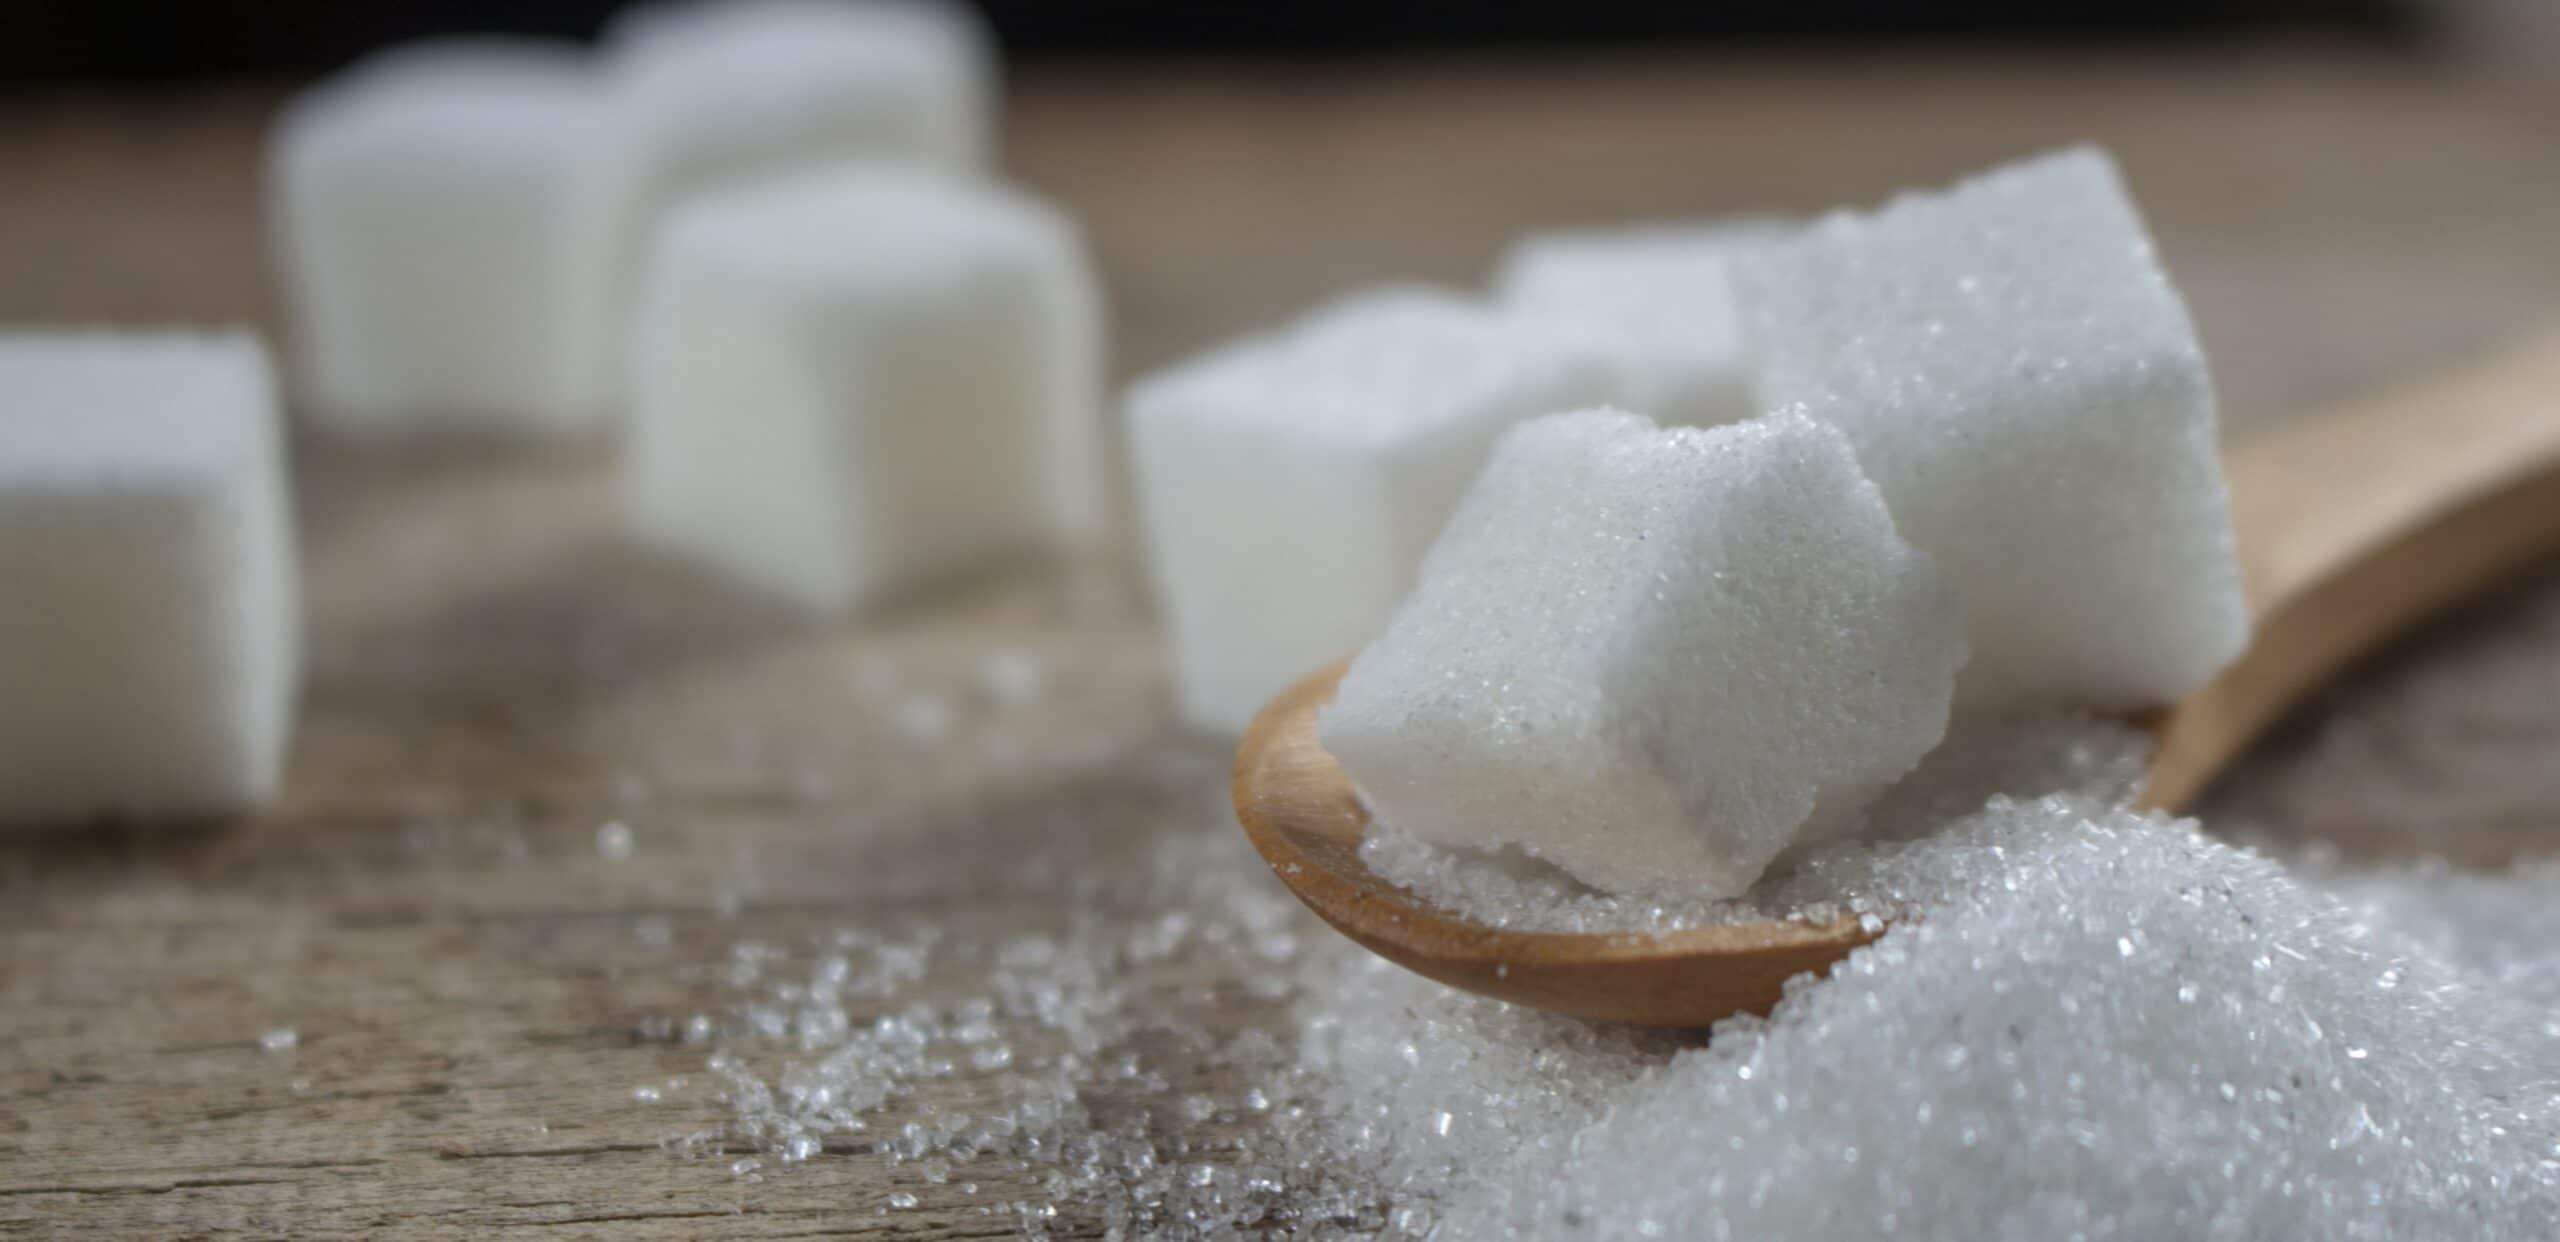 dolcificanti artificiali nella dieta fanno male